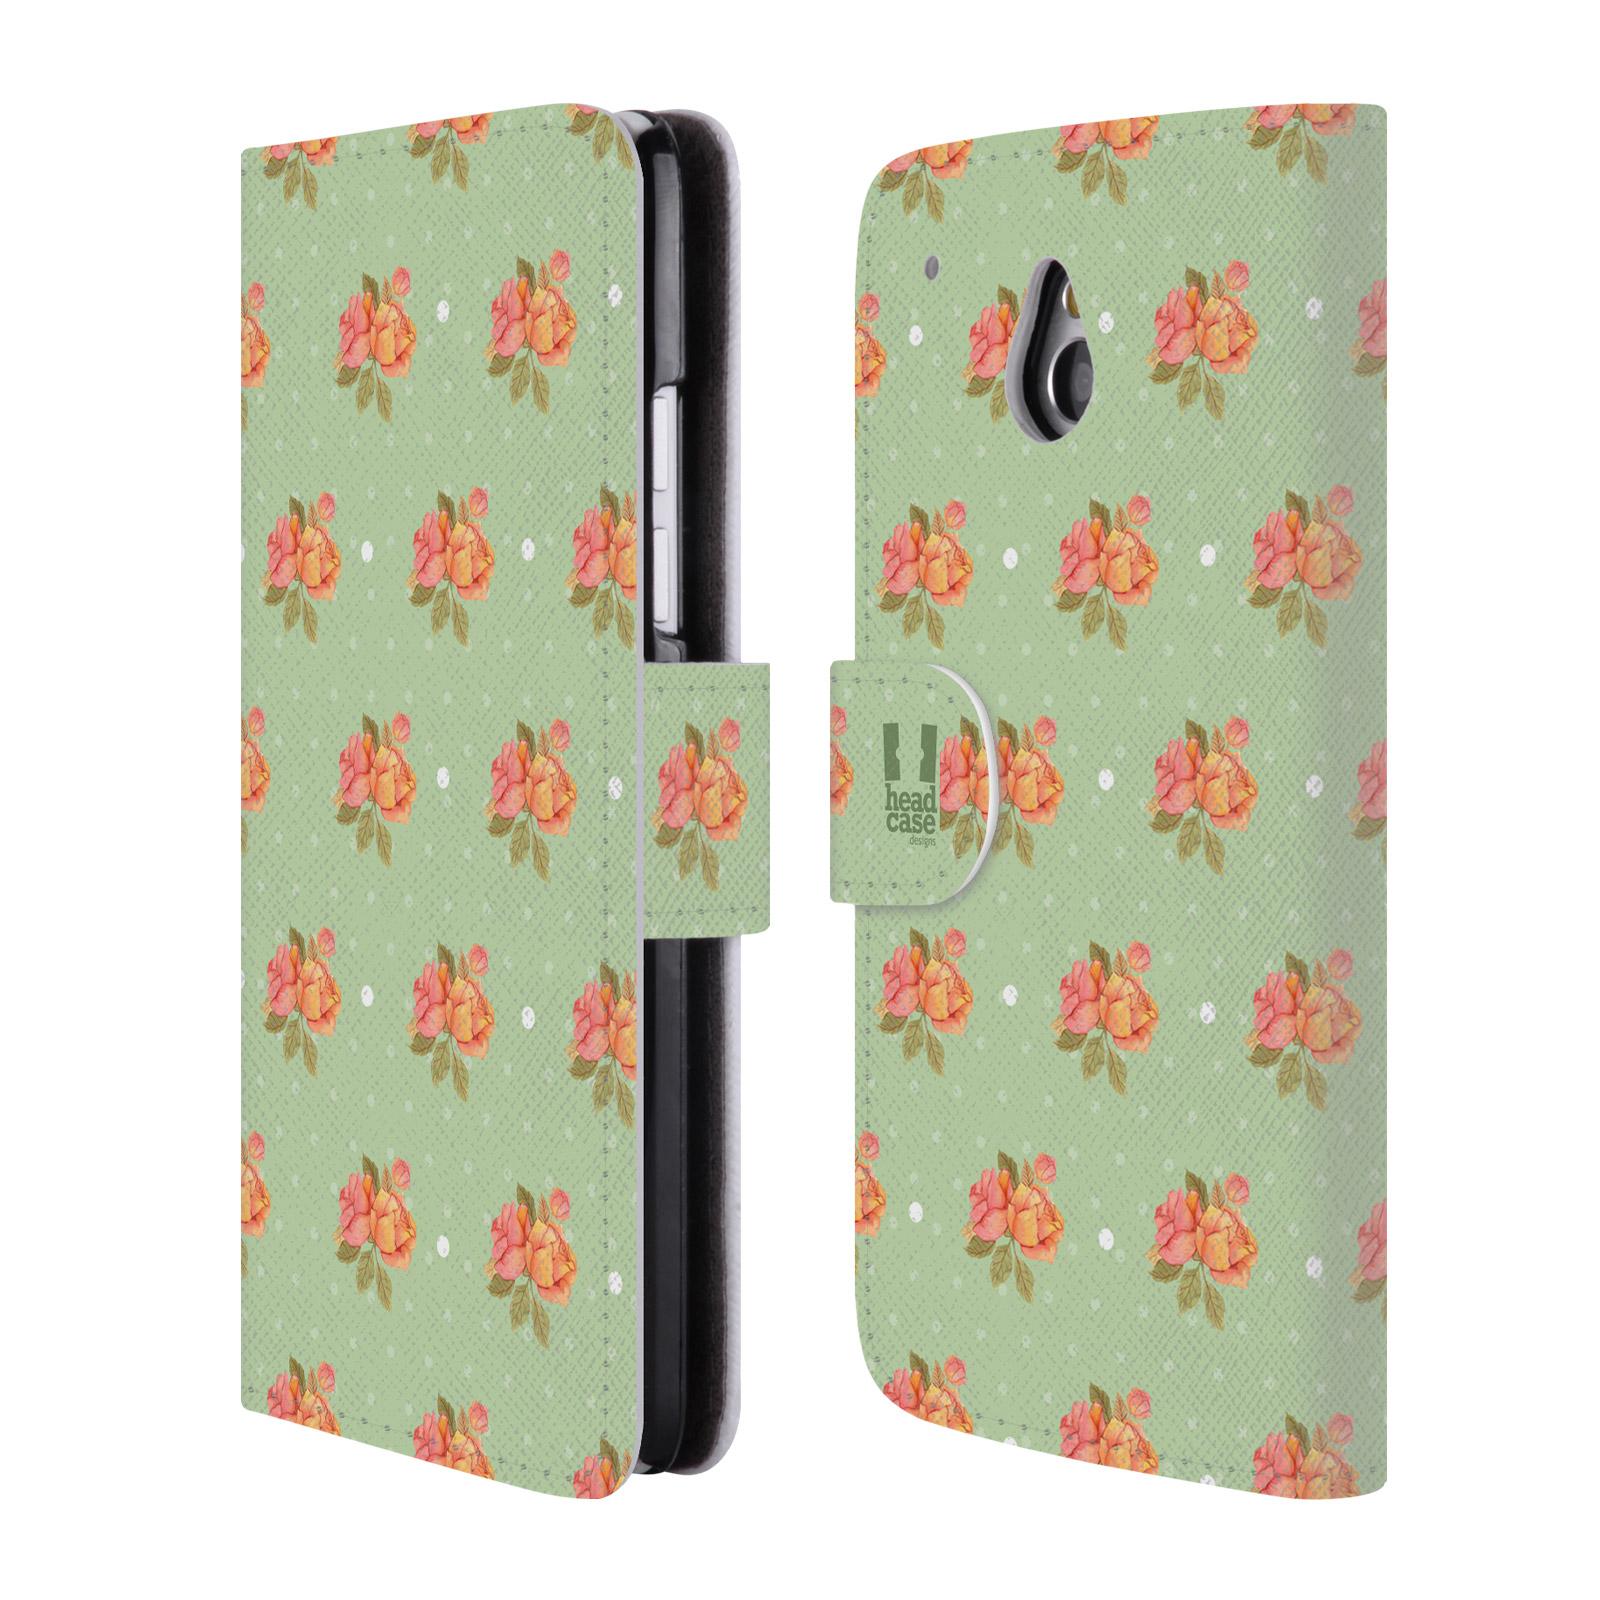 HEAD CASE Flipové pouzdro pro mobil HTC ONE MINI (M4) romantické květy jaro zelená